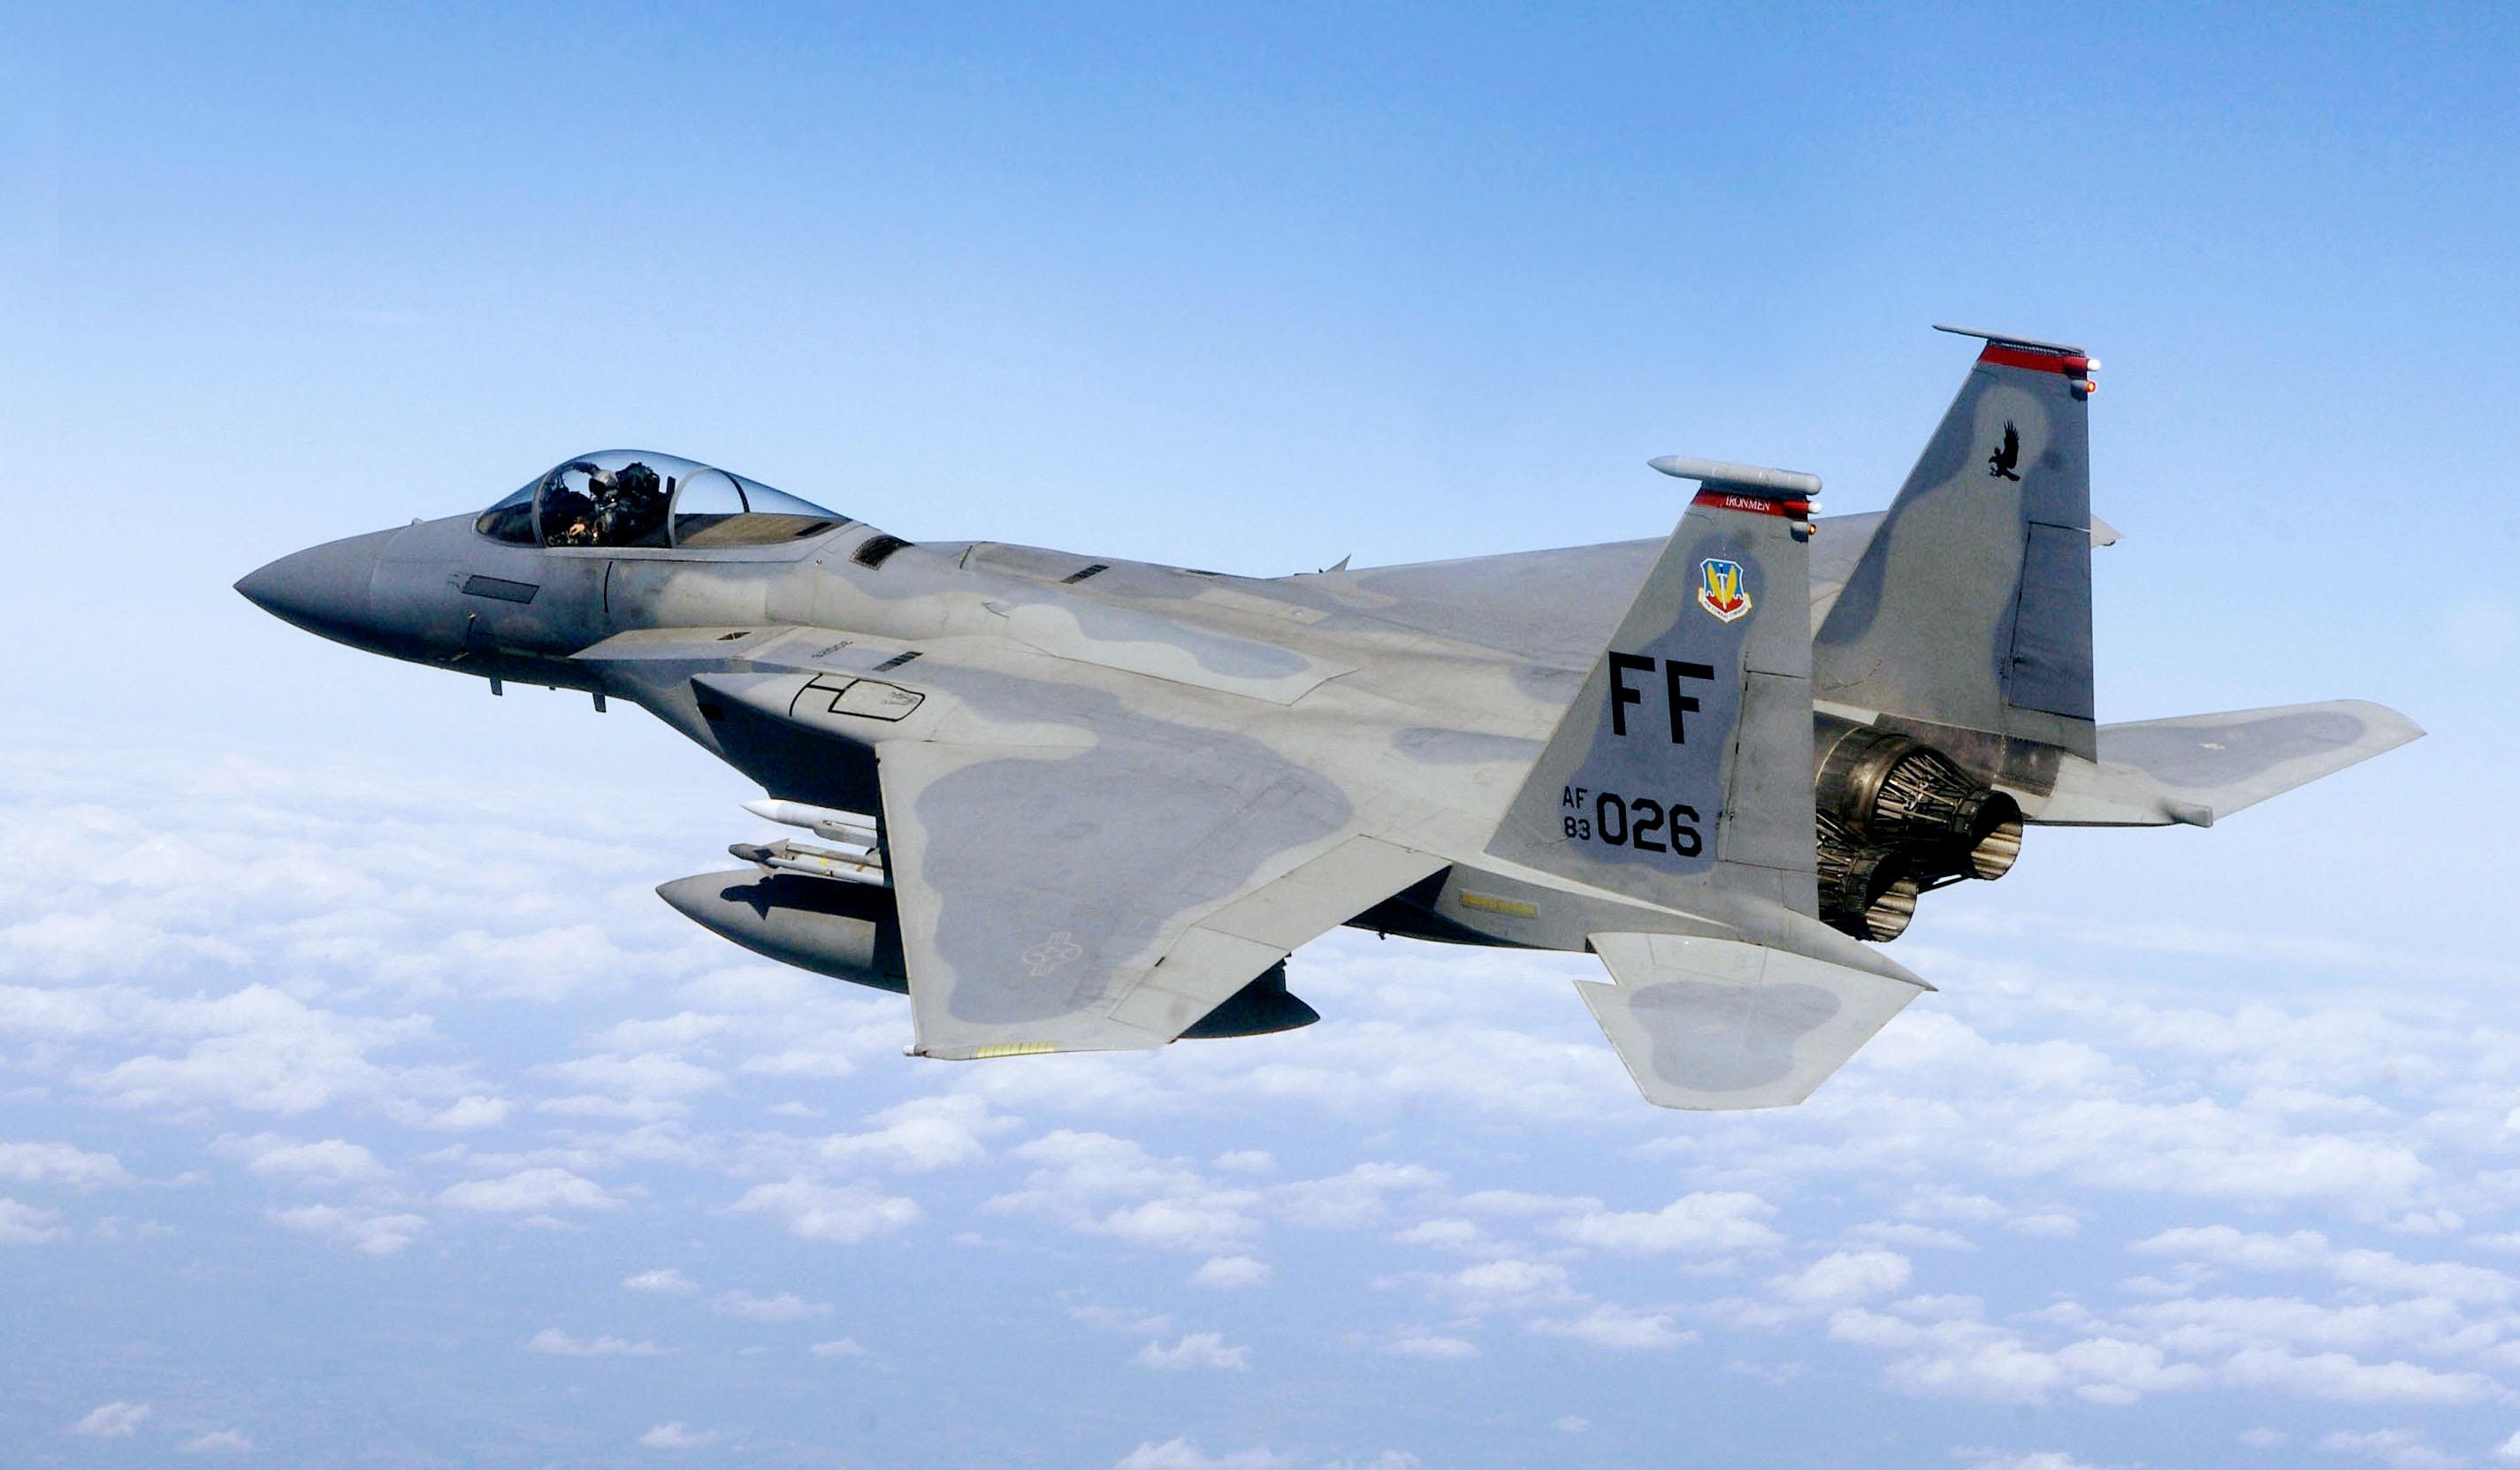 McDonnell Douglas F-15 Eagle - Wikipedia